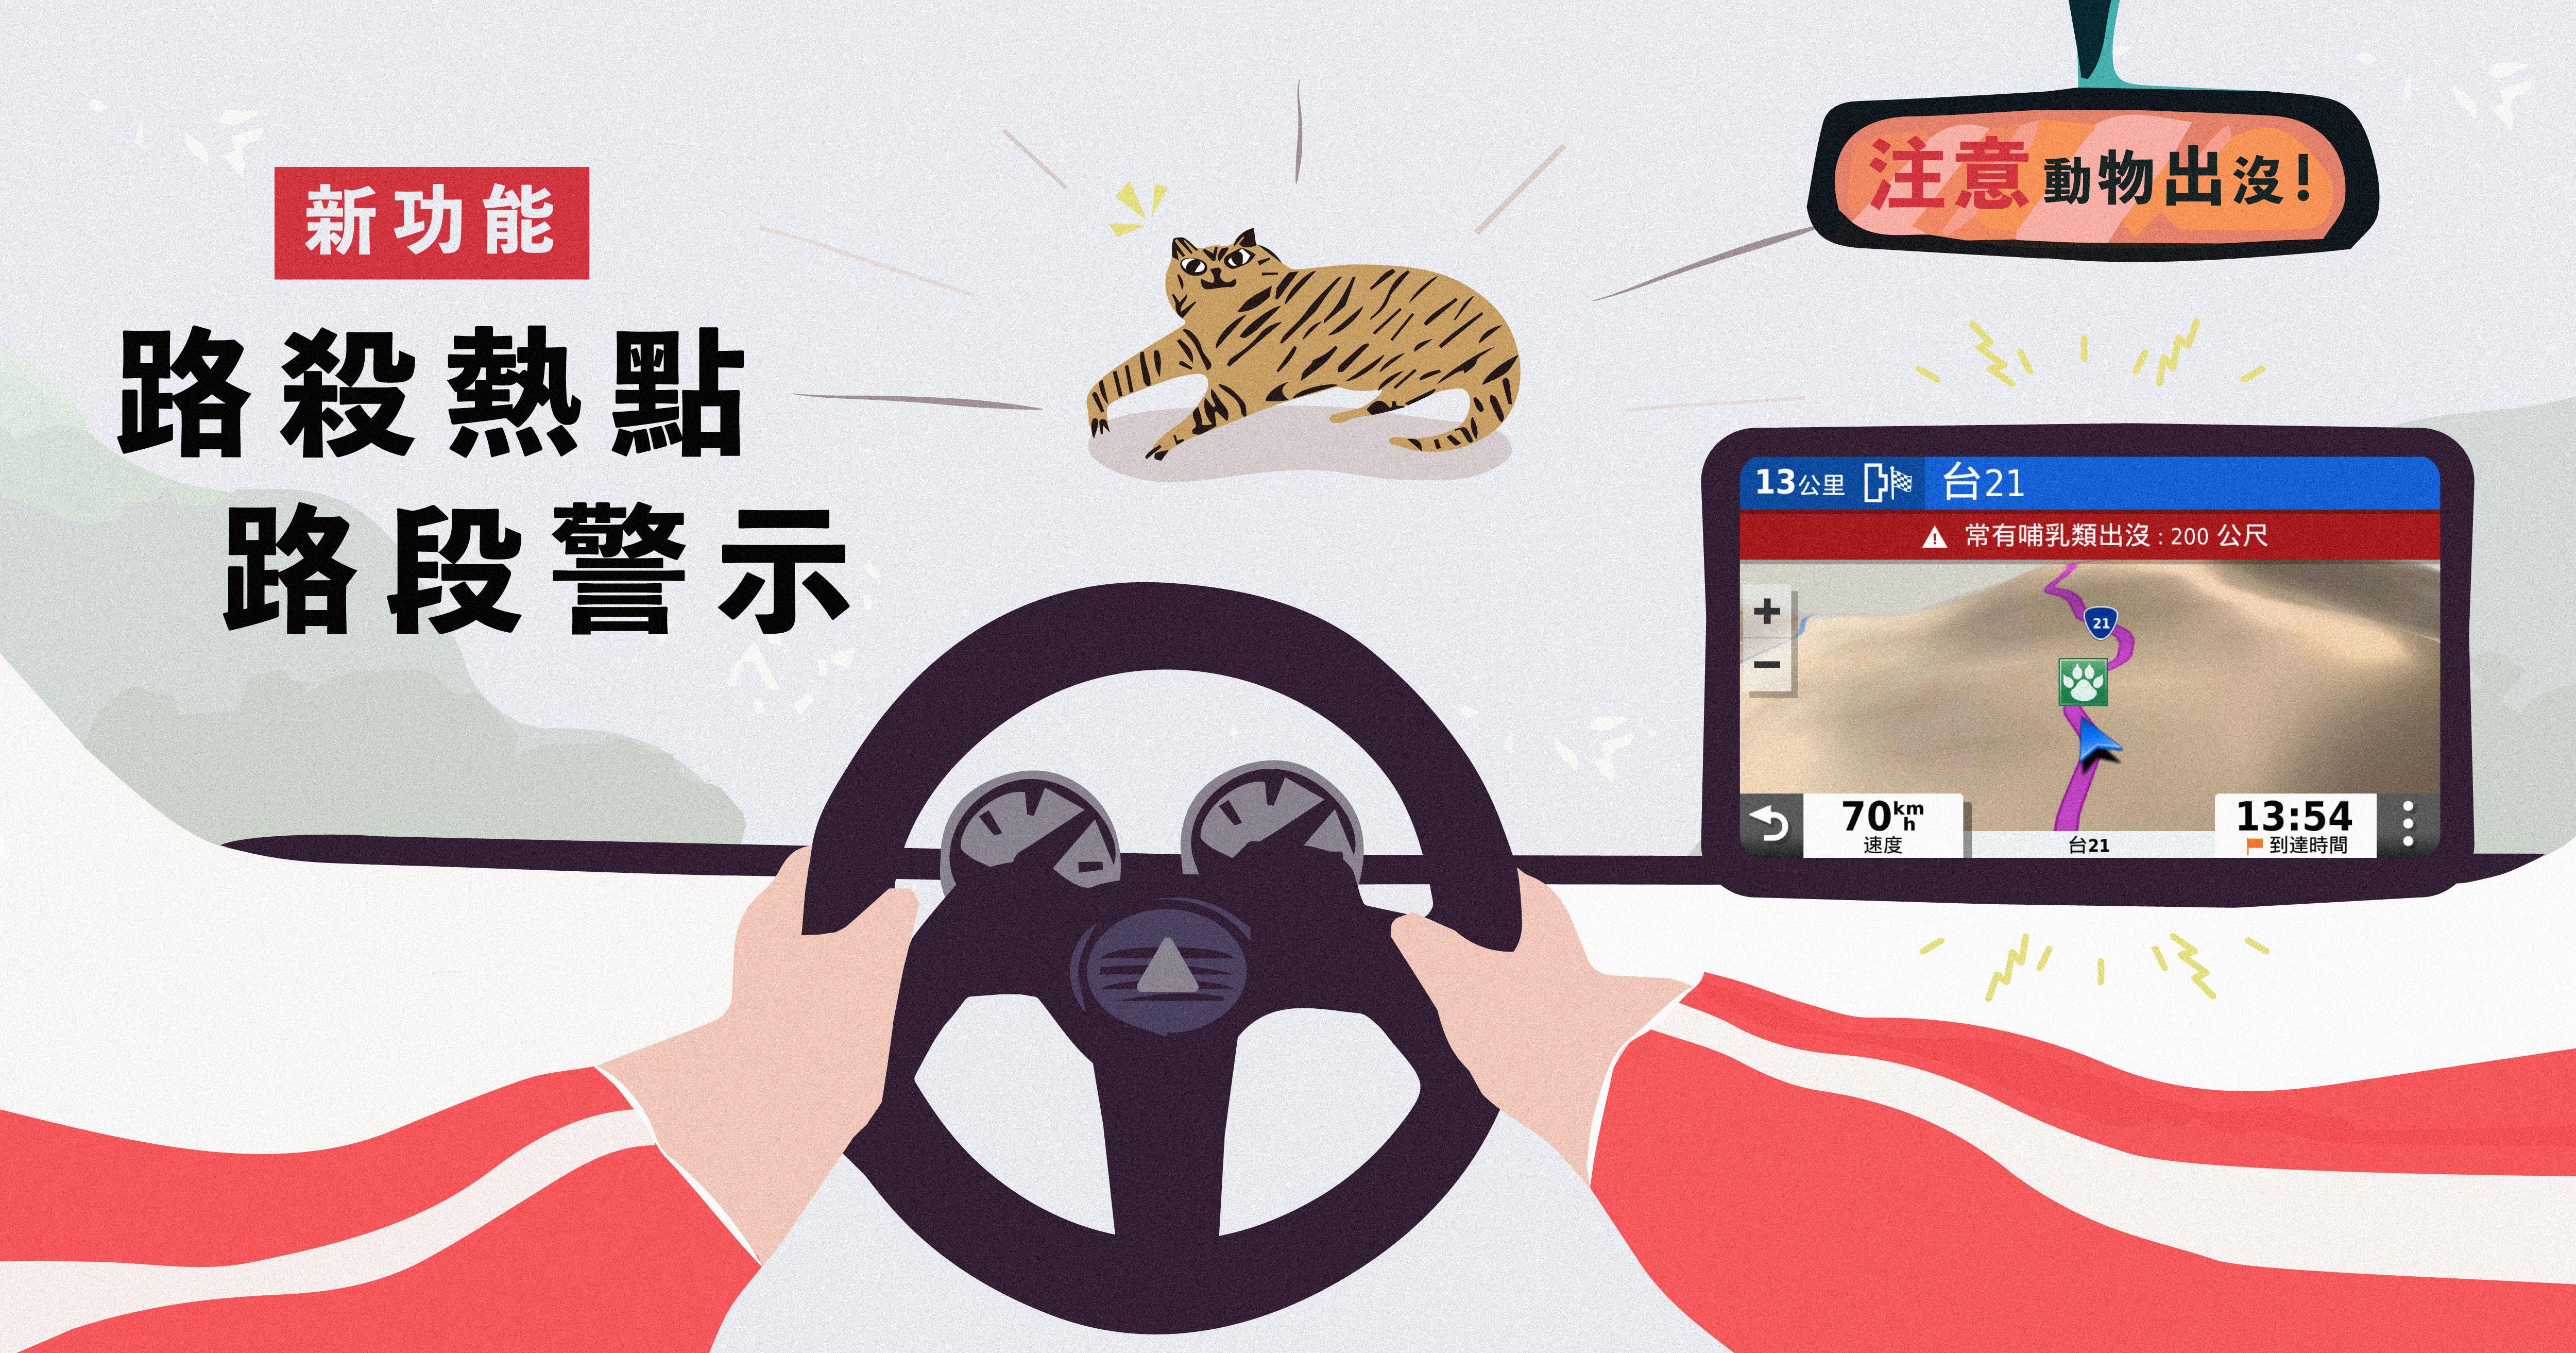 動物路殺熱點路段資料安裝